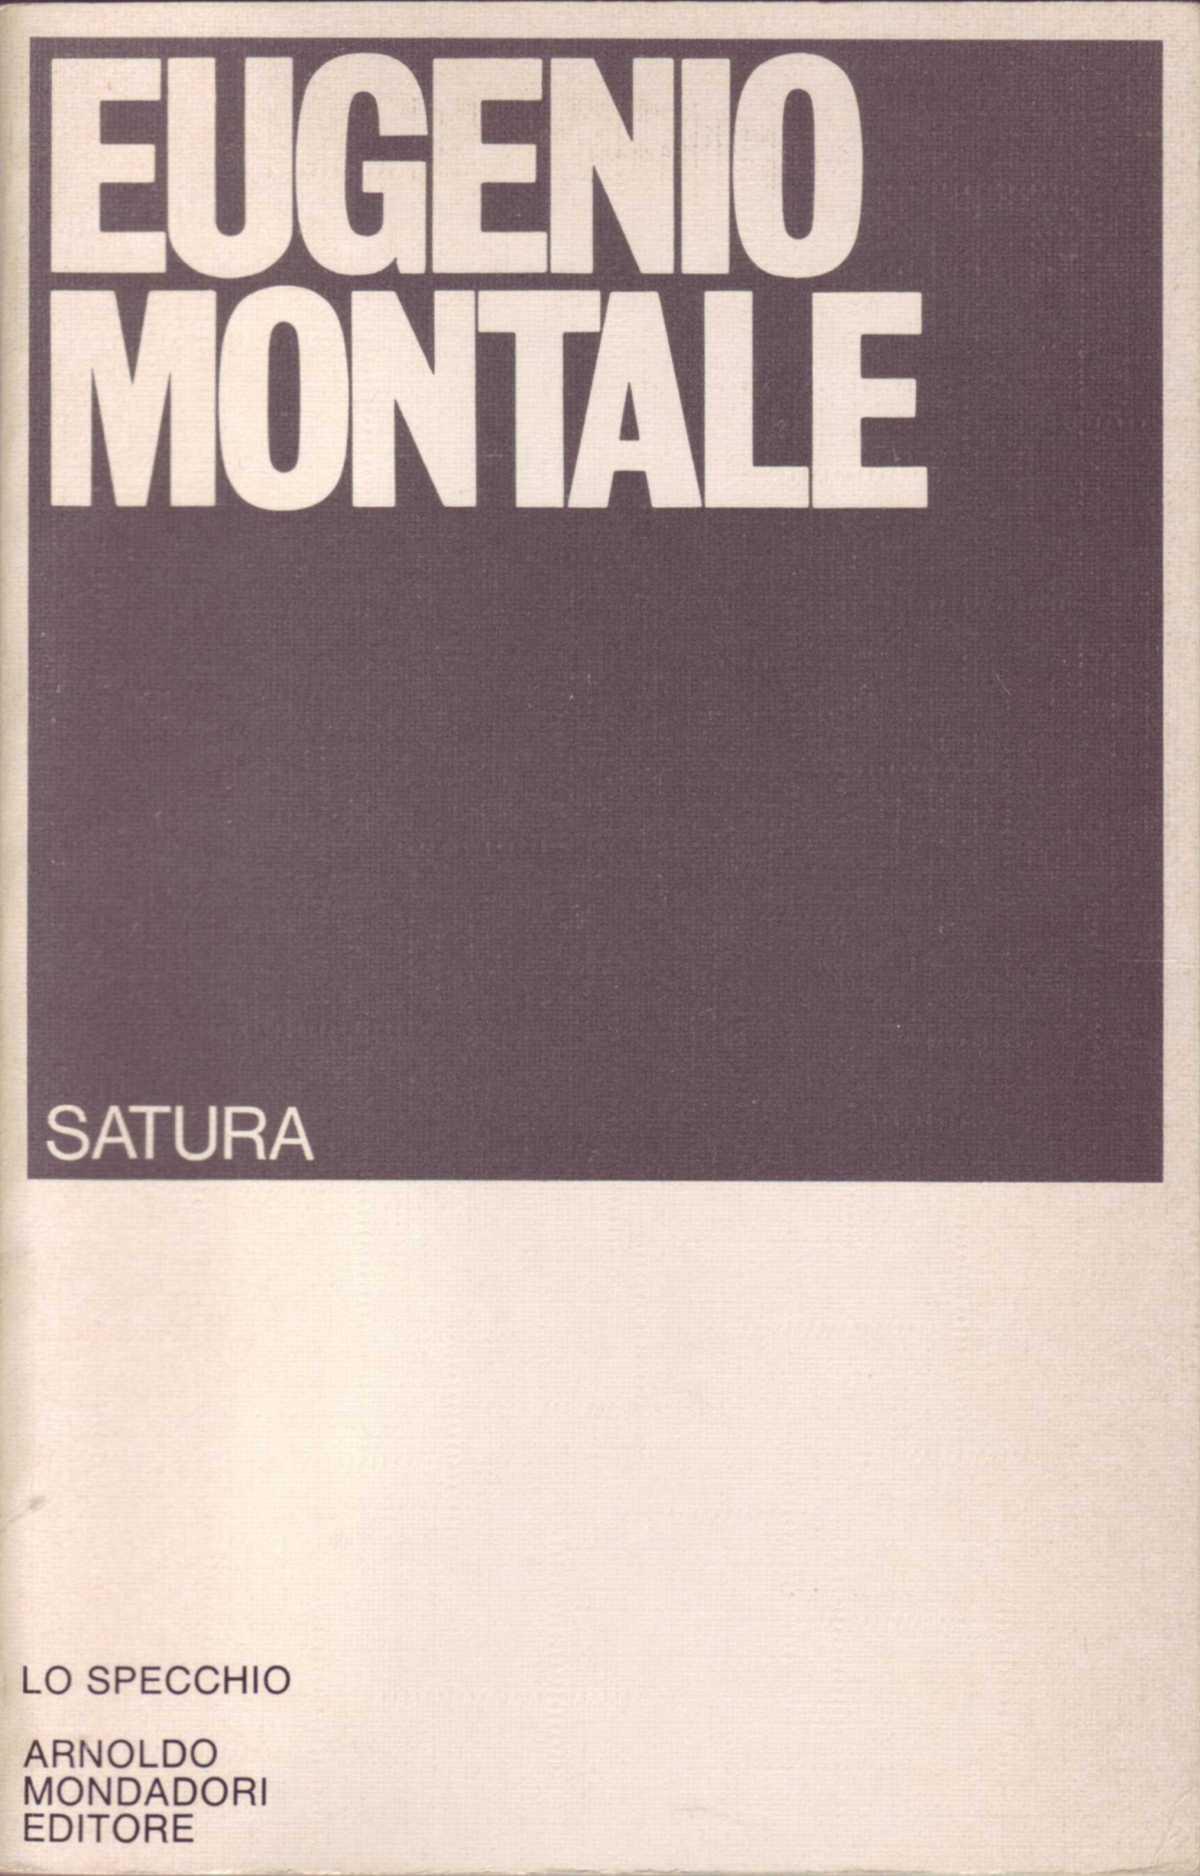 A voce alta: Fine del '68 di EugenioMontale